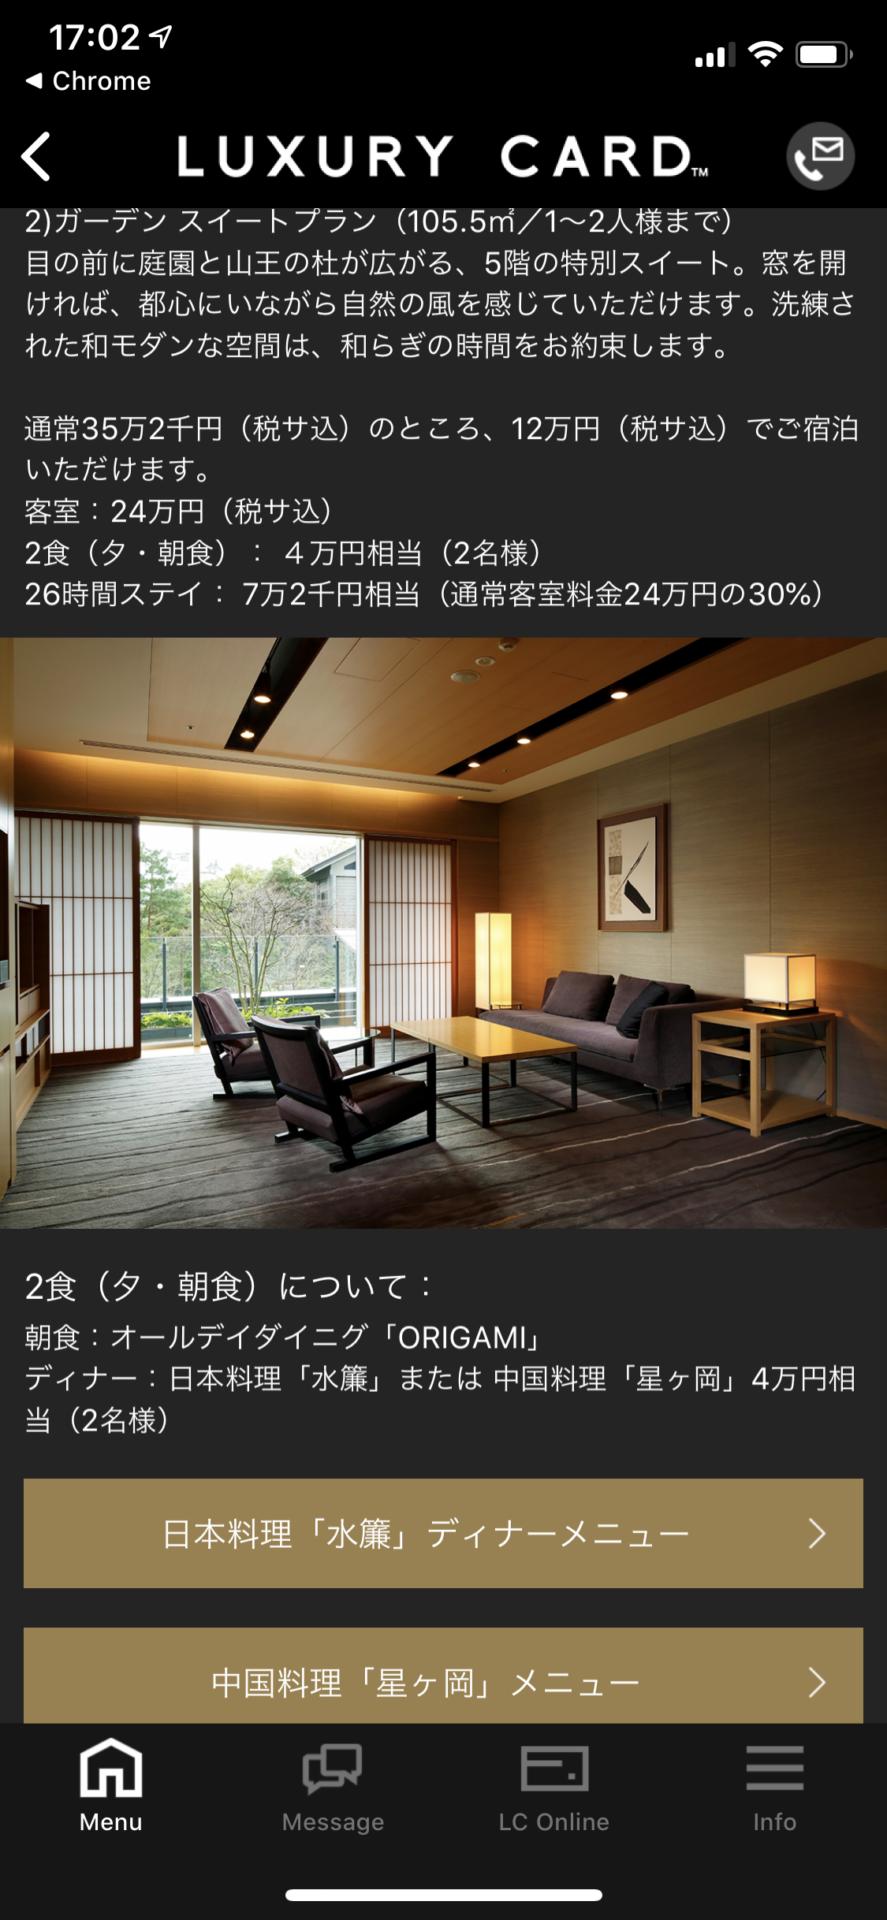 ラグジュアリーカードのザ・キャピトルホテル 東急 特別プラン (5)